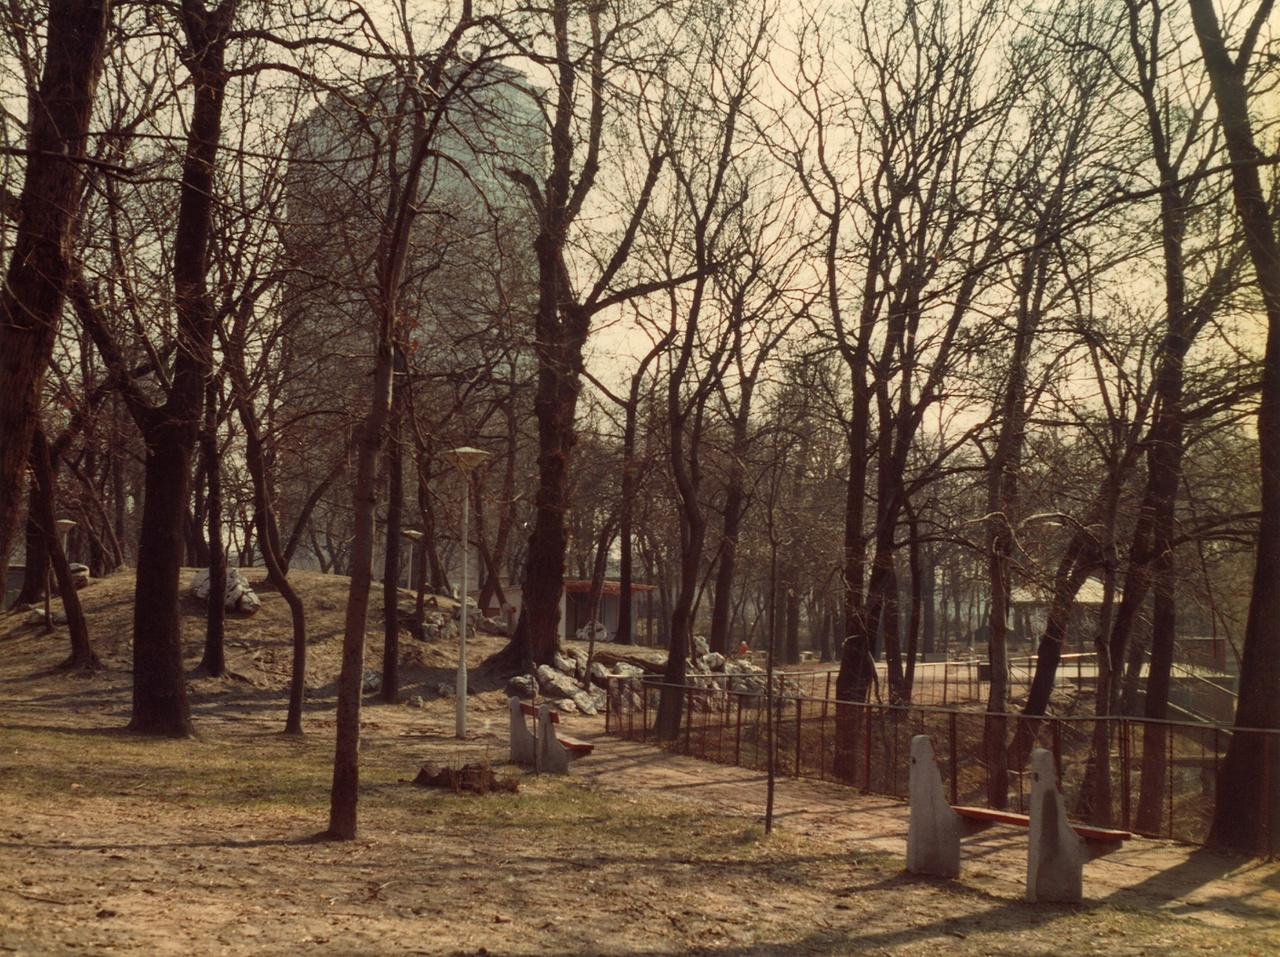 Itt sem engedhették el a fantáziájukat a tervezők: az Orczy kertbe is csak piros deszkájú, betonlábas padok és tölcsér alakú lámpák jutottak.